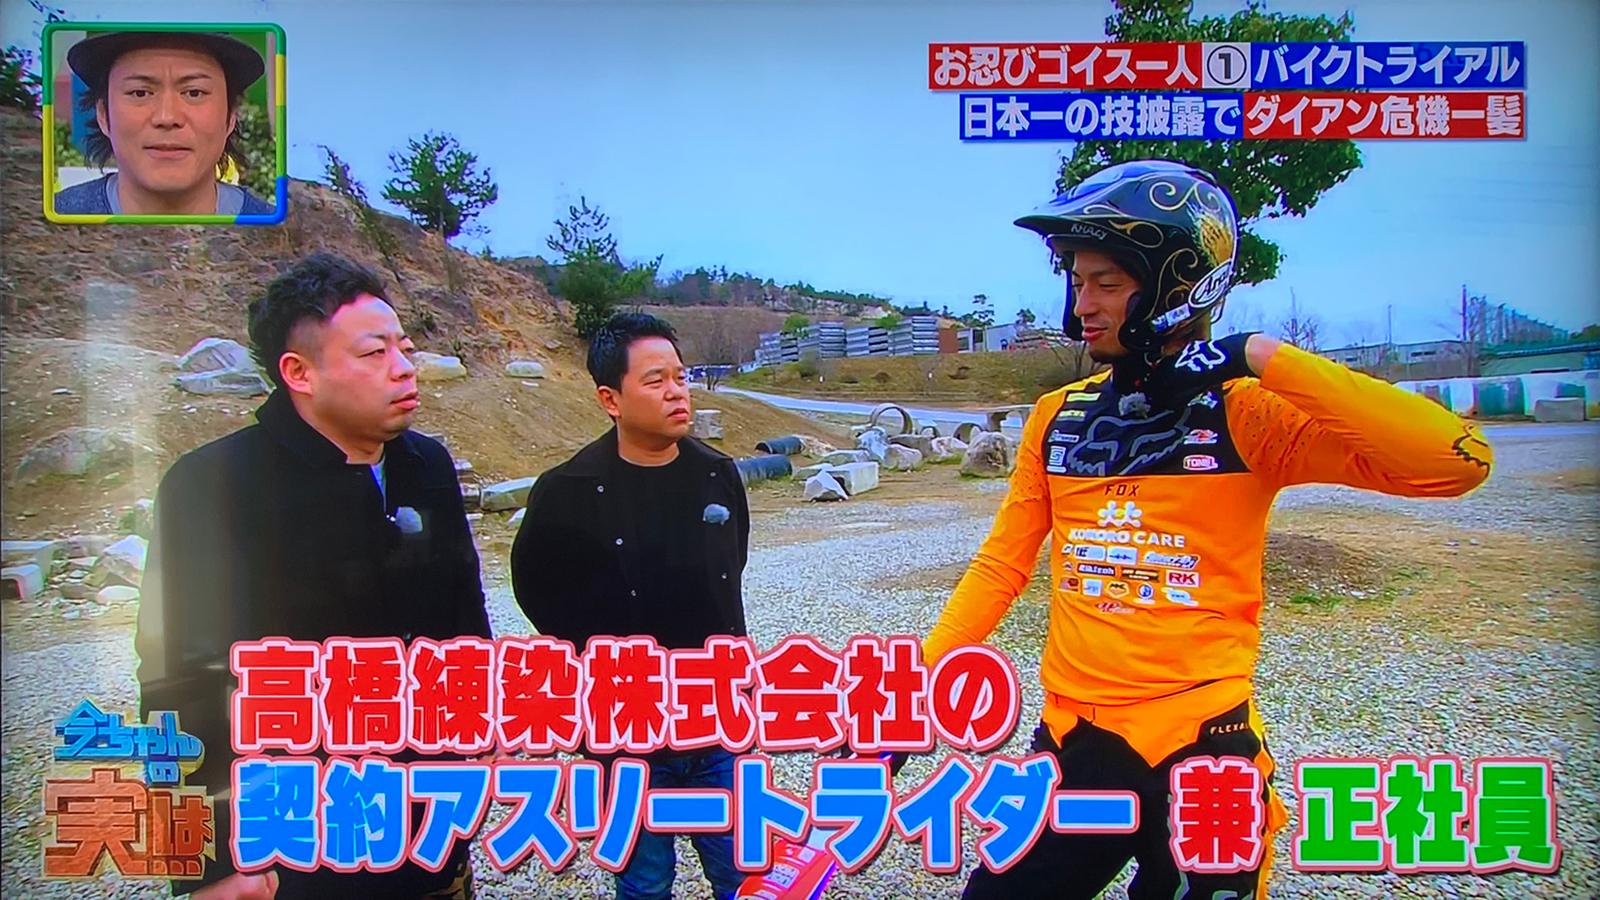 テレビ朝日『今ちゃんの「実は・・・」』(2019/03/06)